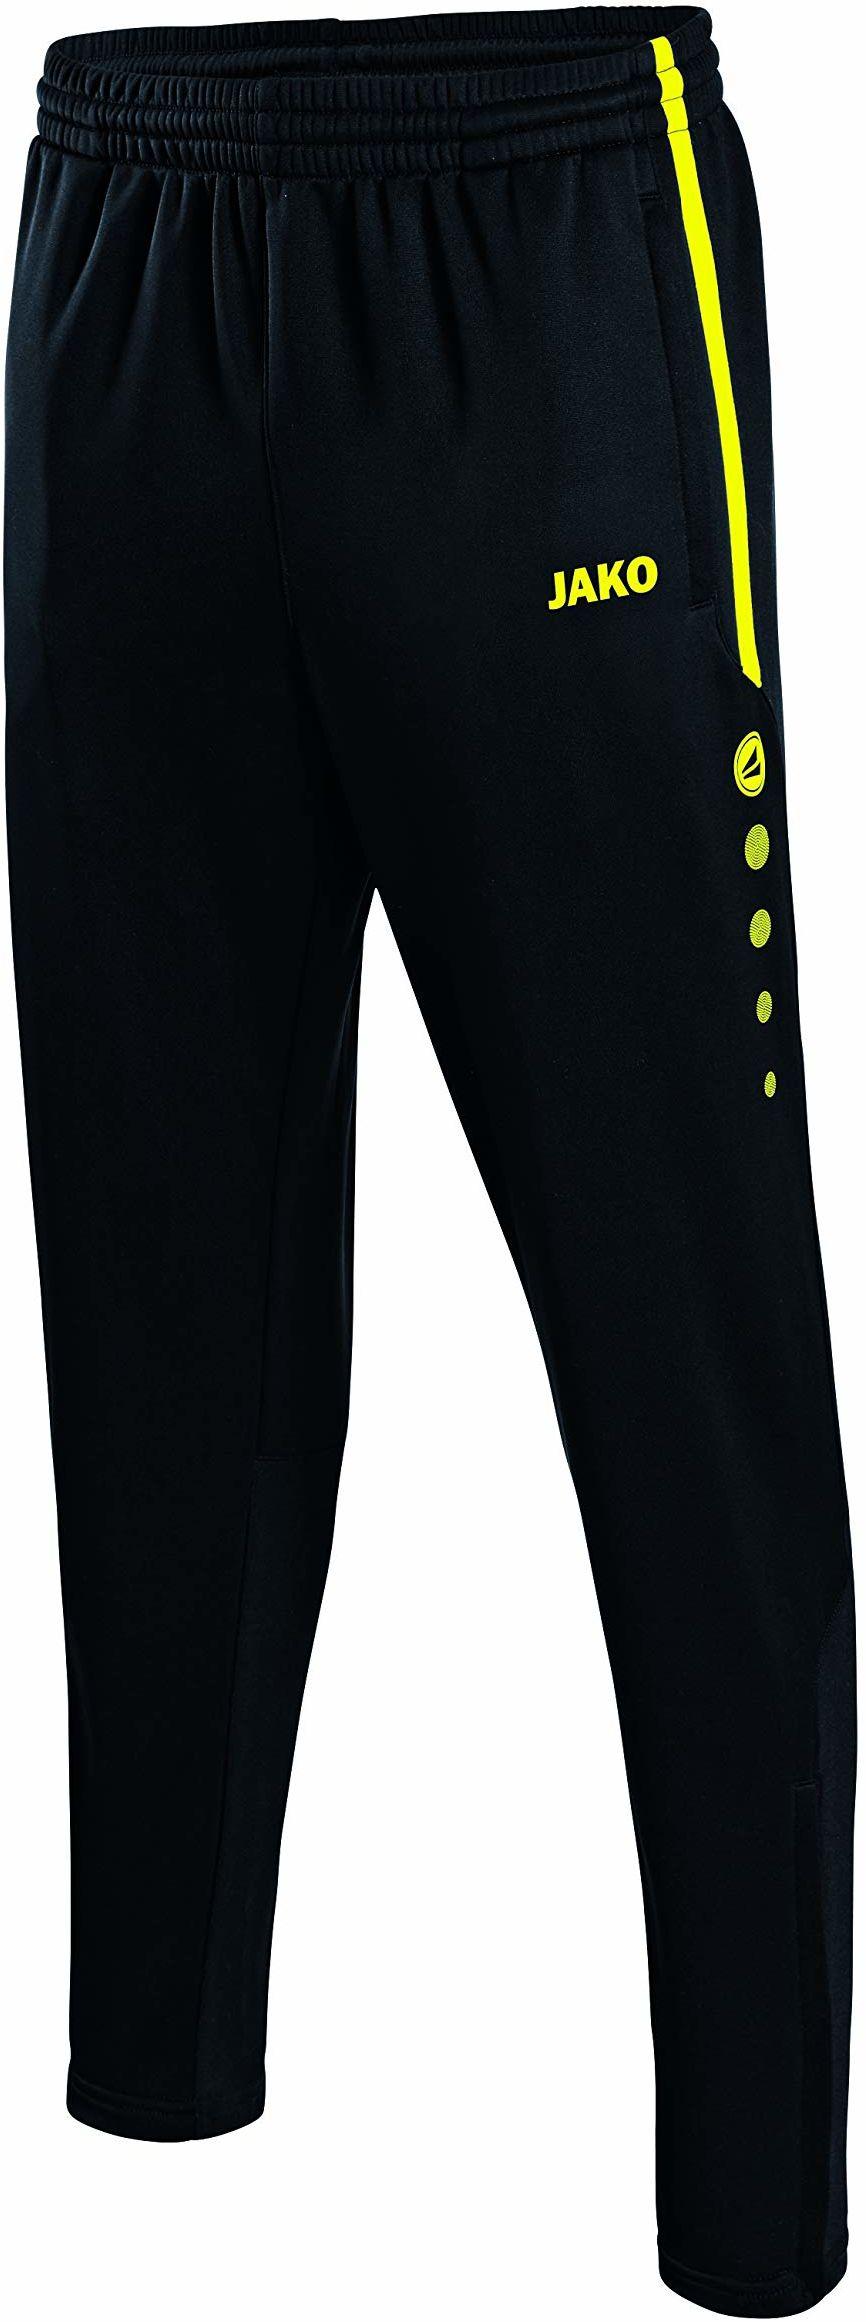 JAKO Męskie spodnie treningowe Active czarny/żółty neonowy M